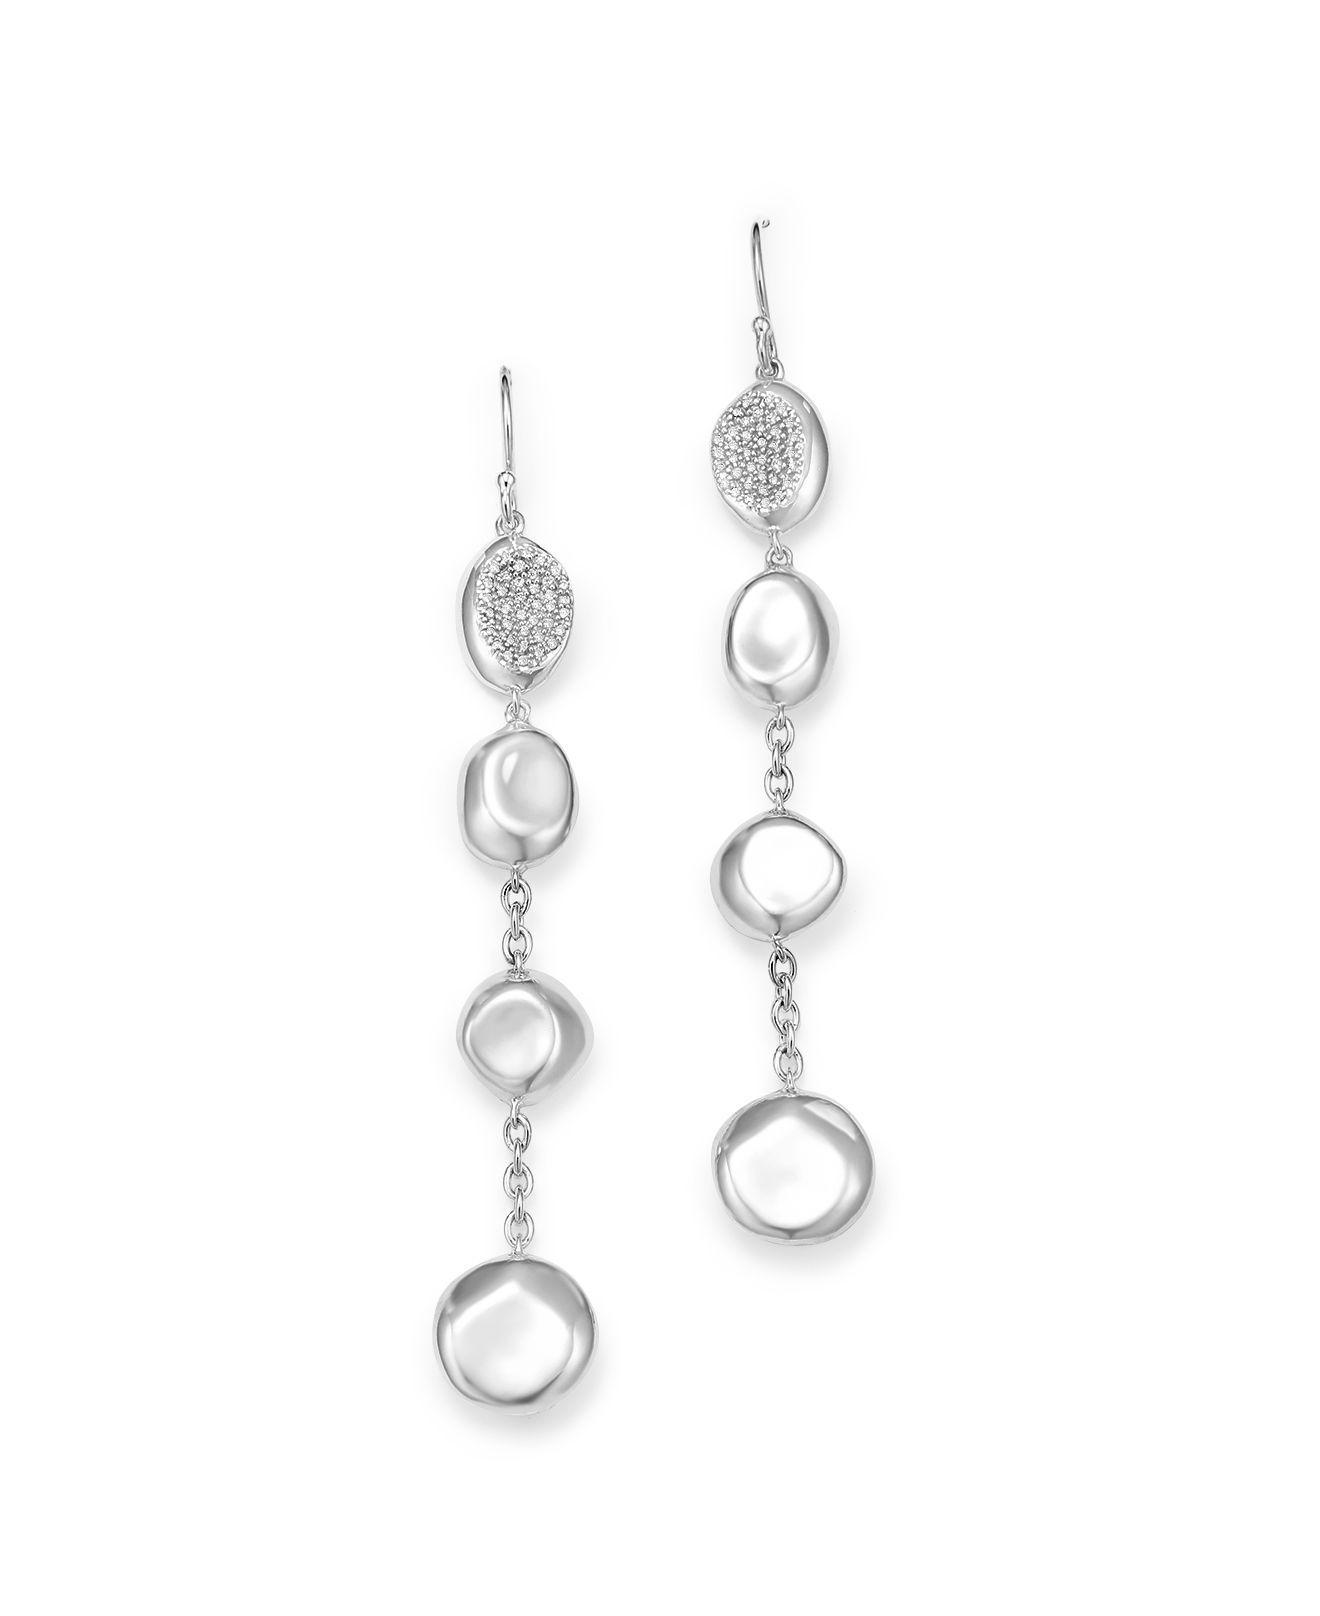 Ippolita Onda Linear Drop Earrings ttydpzpg8